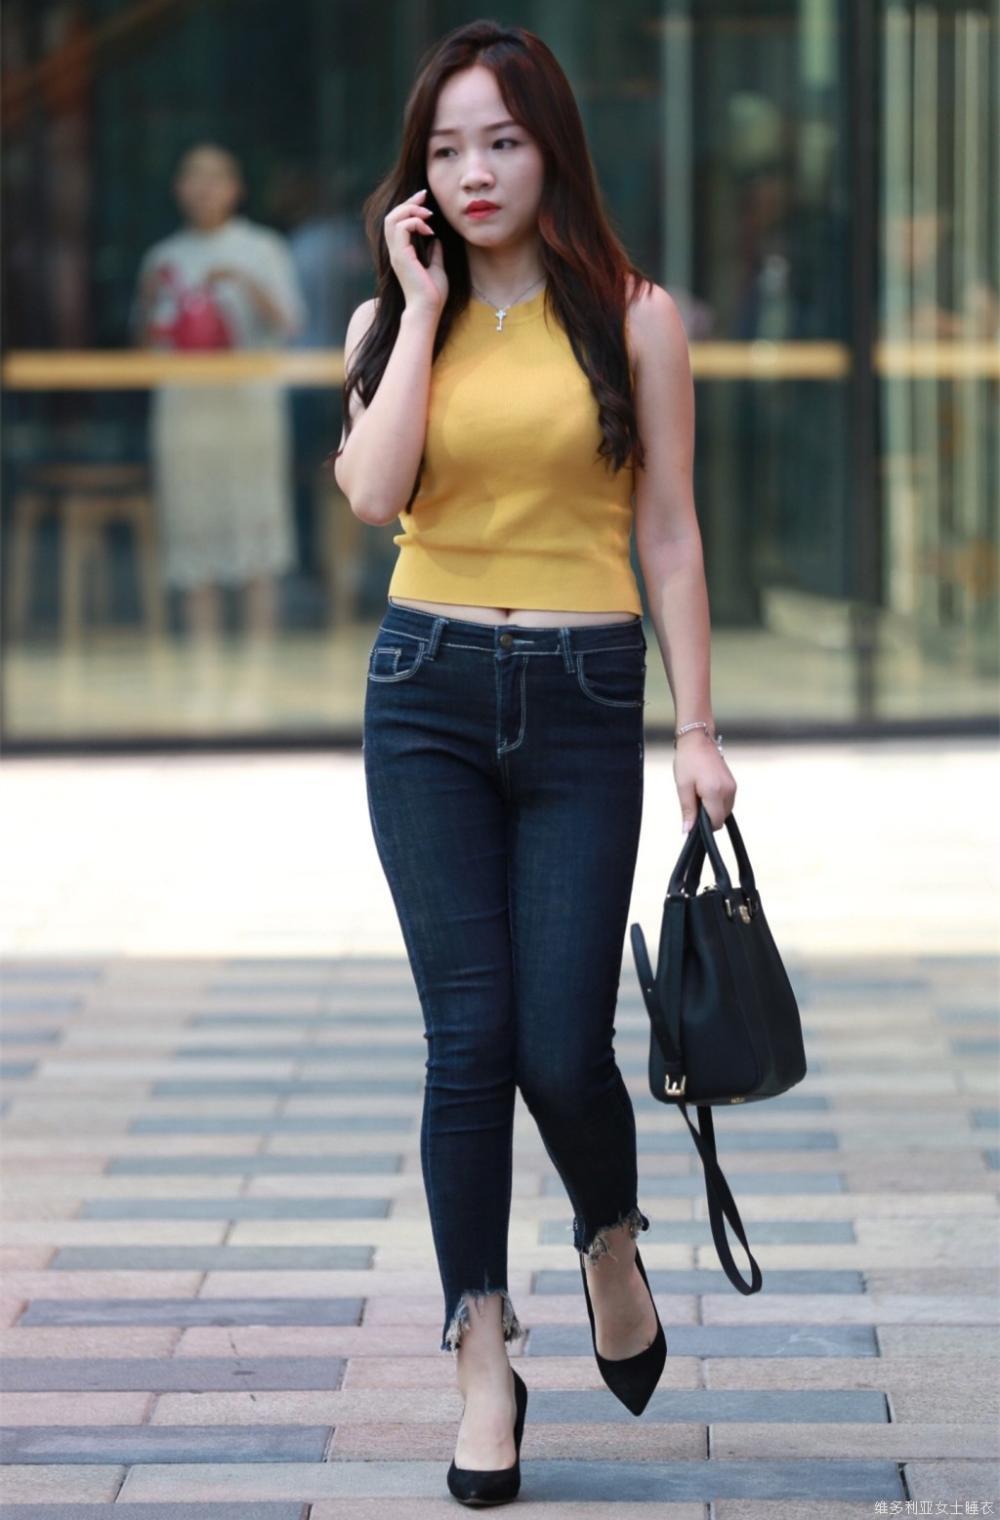 街拍: 穿搭紧身牛仔裤的美女身材正点, 姿势性感, 很